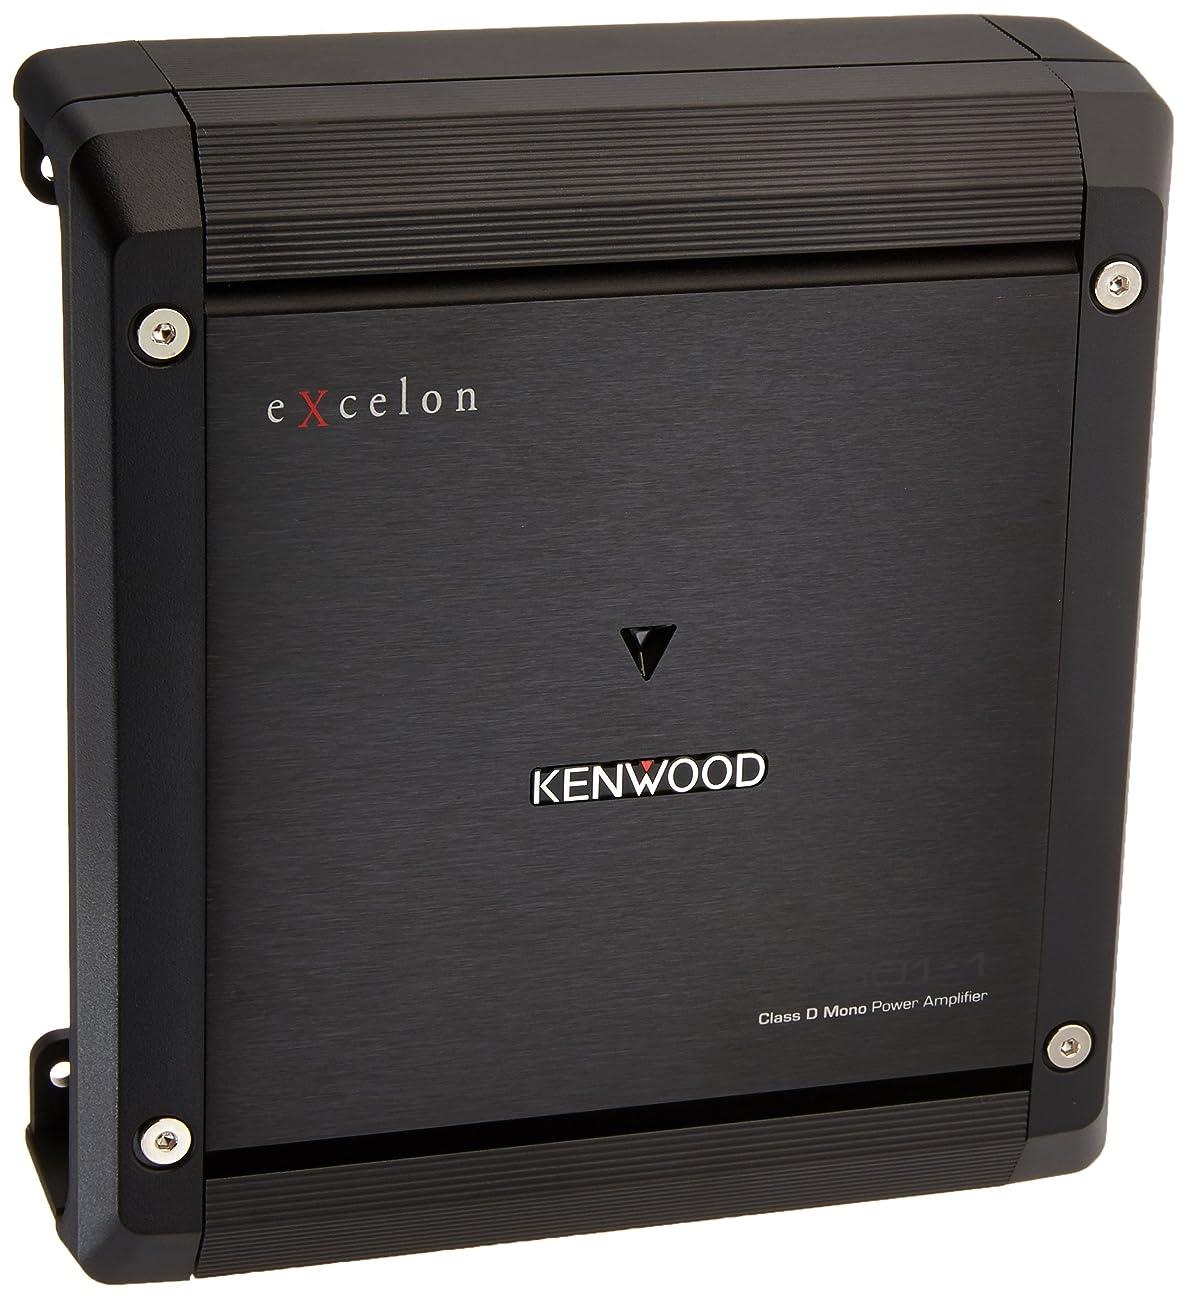 Kenwood Excelon X501-1 Class D Mono Power Amplifier